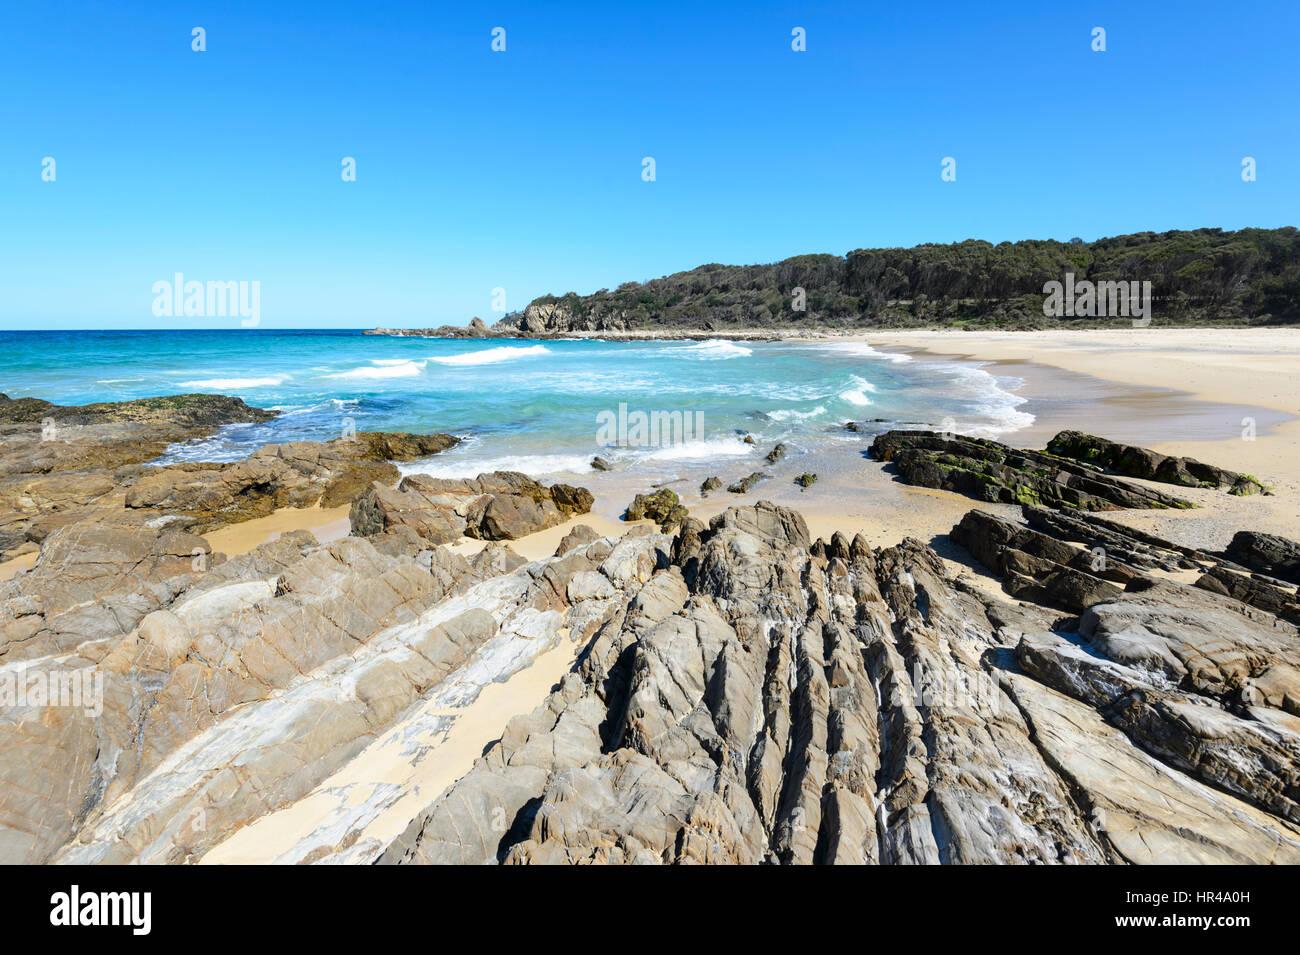 Deserta spiaggia sabbiosa con incredibili formazioni rocciose al punto di patate, Nuovo Galles del Sud, Australia Immagini Stock